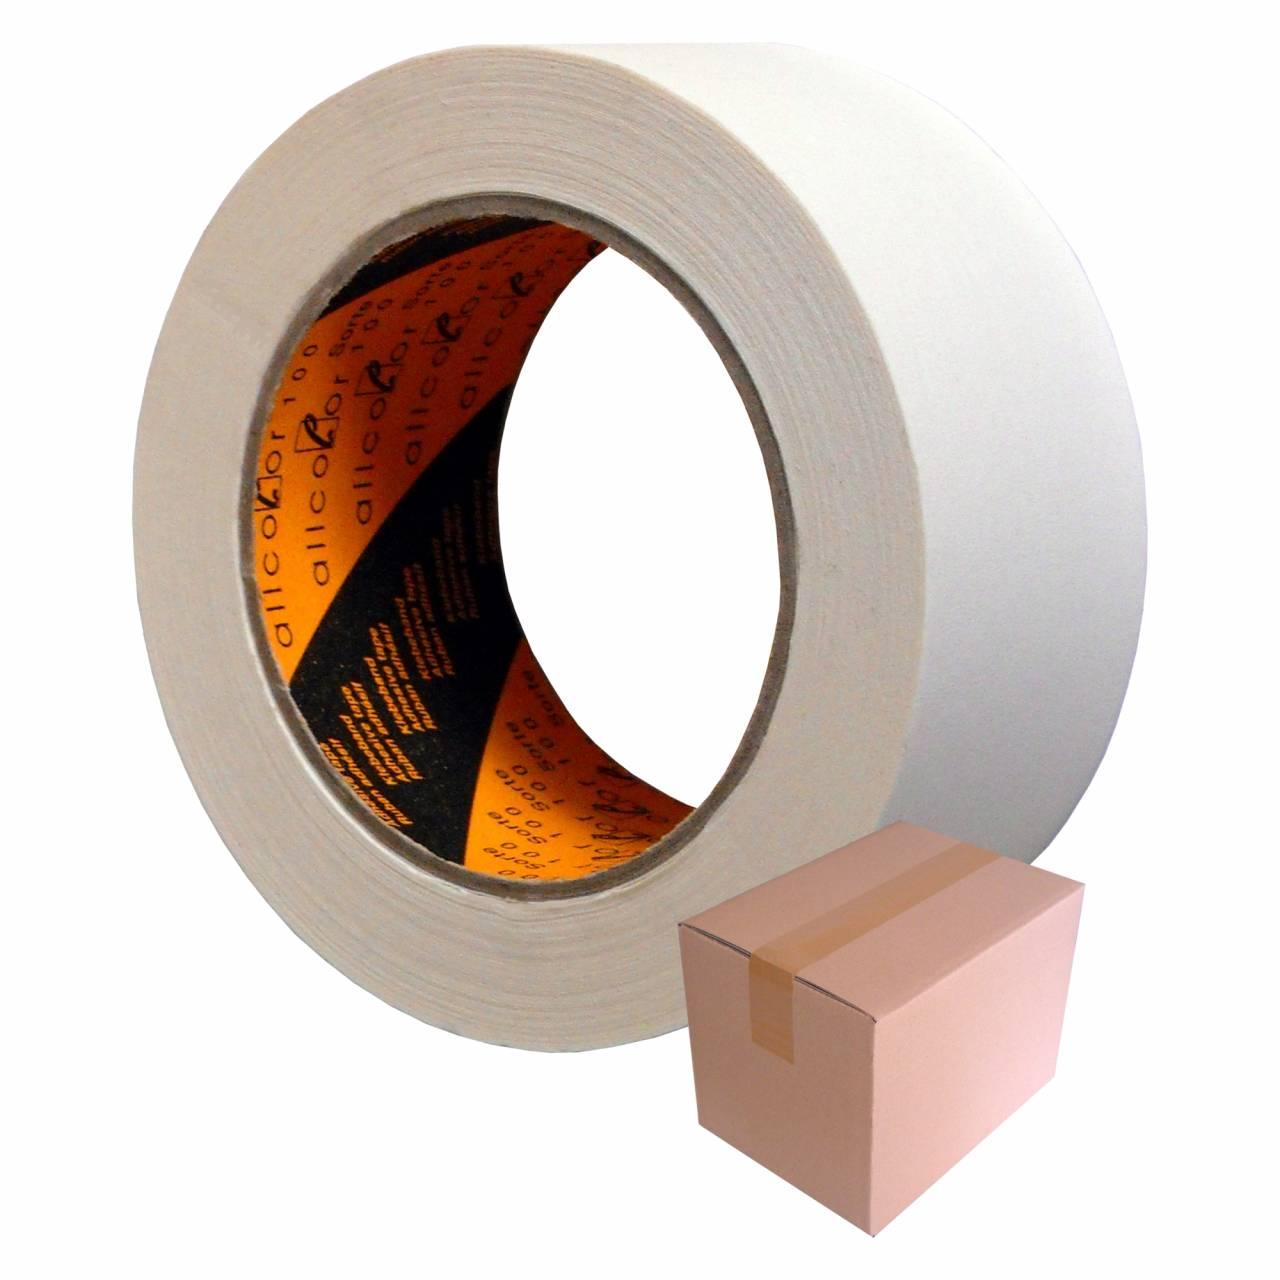 Feinkreppband T001, 75 mm x 50 m / Krt a 12 Rollen